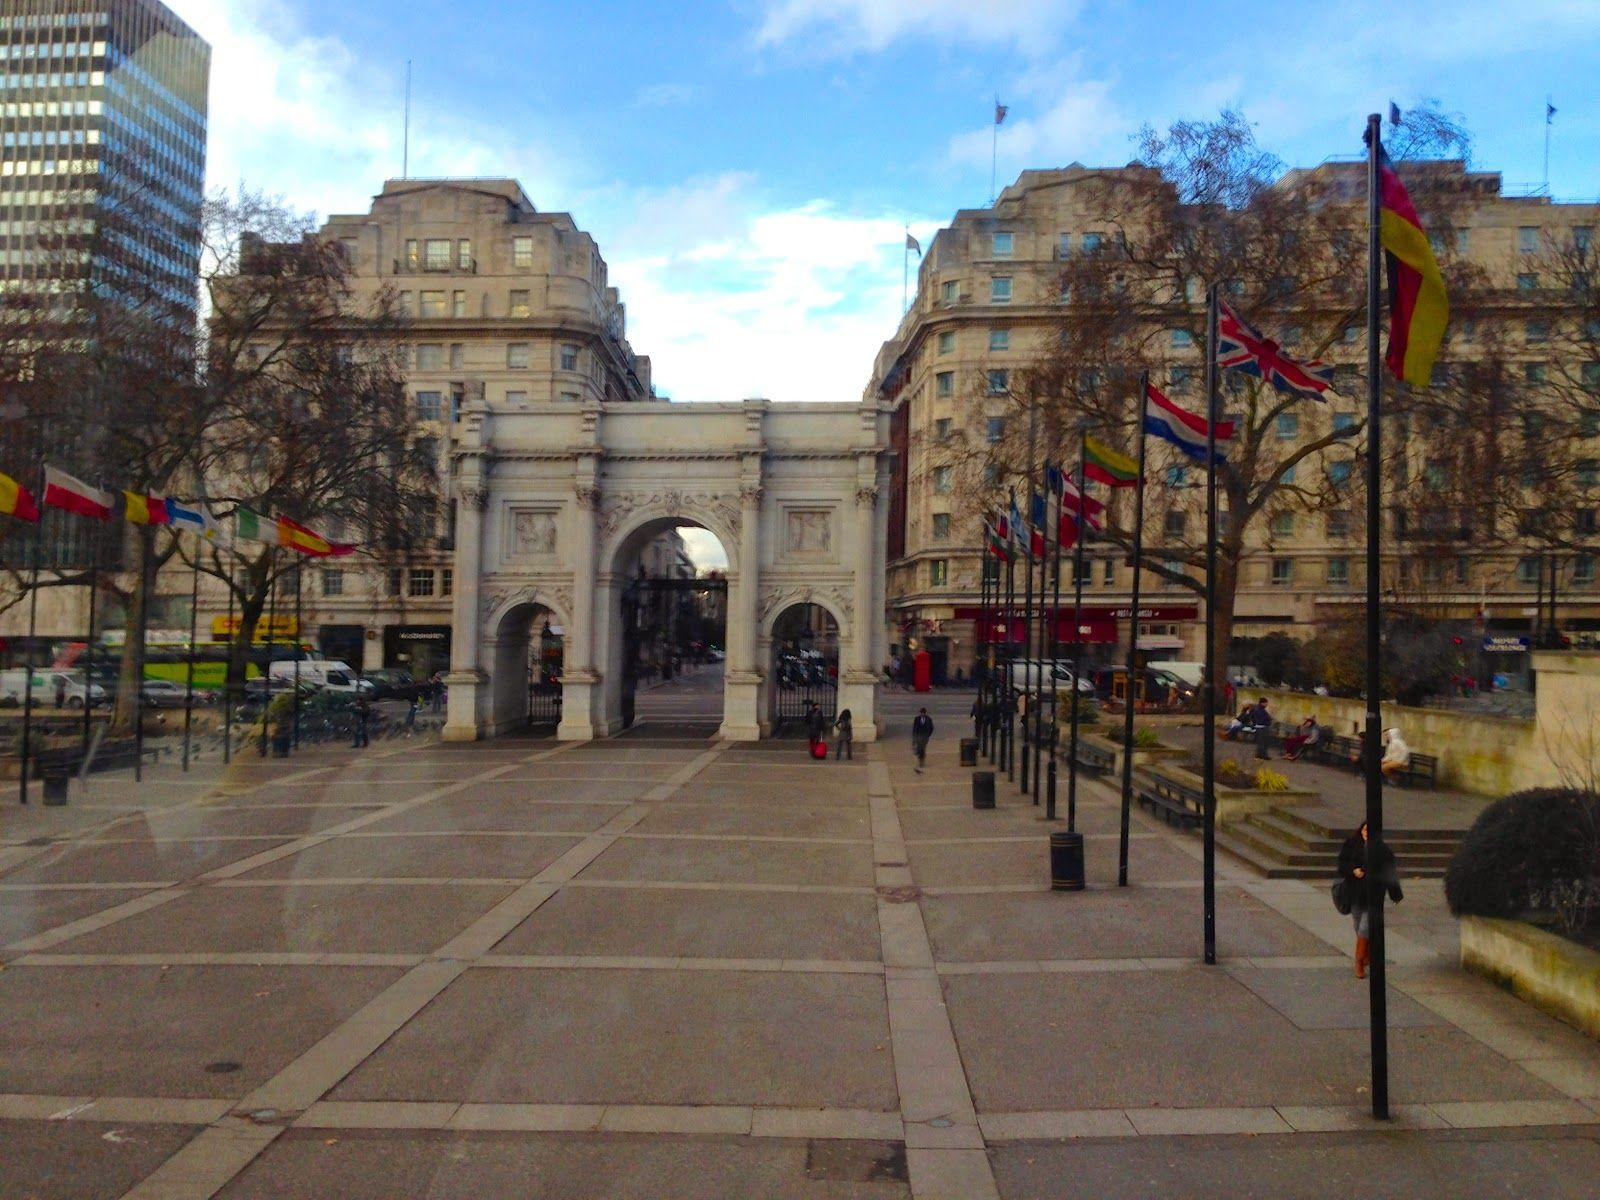 Côte d'Azur: Viagens, hotéis, restaurantes, passeios, compras, viver na França: Oxford Street e lojas de departamentos - Londres